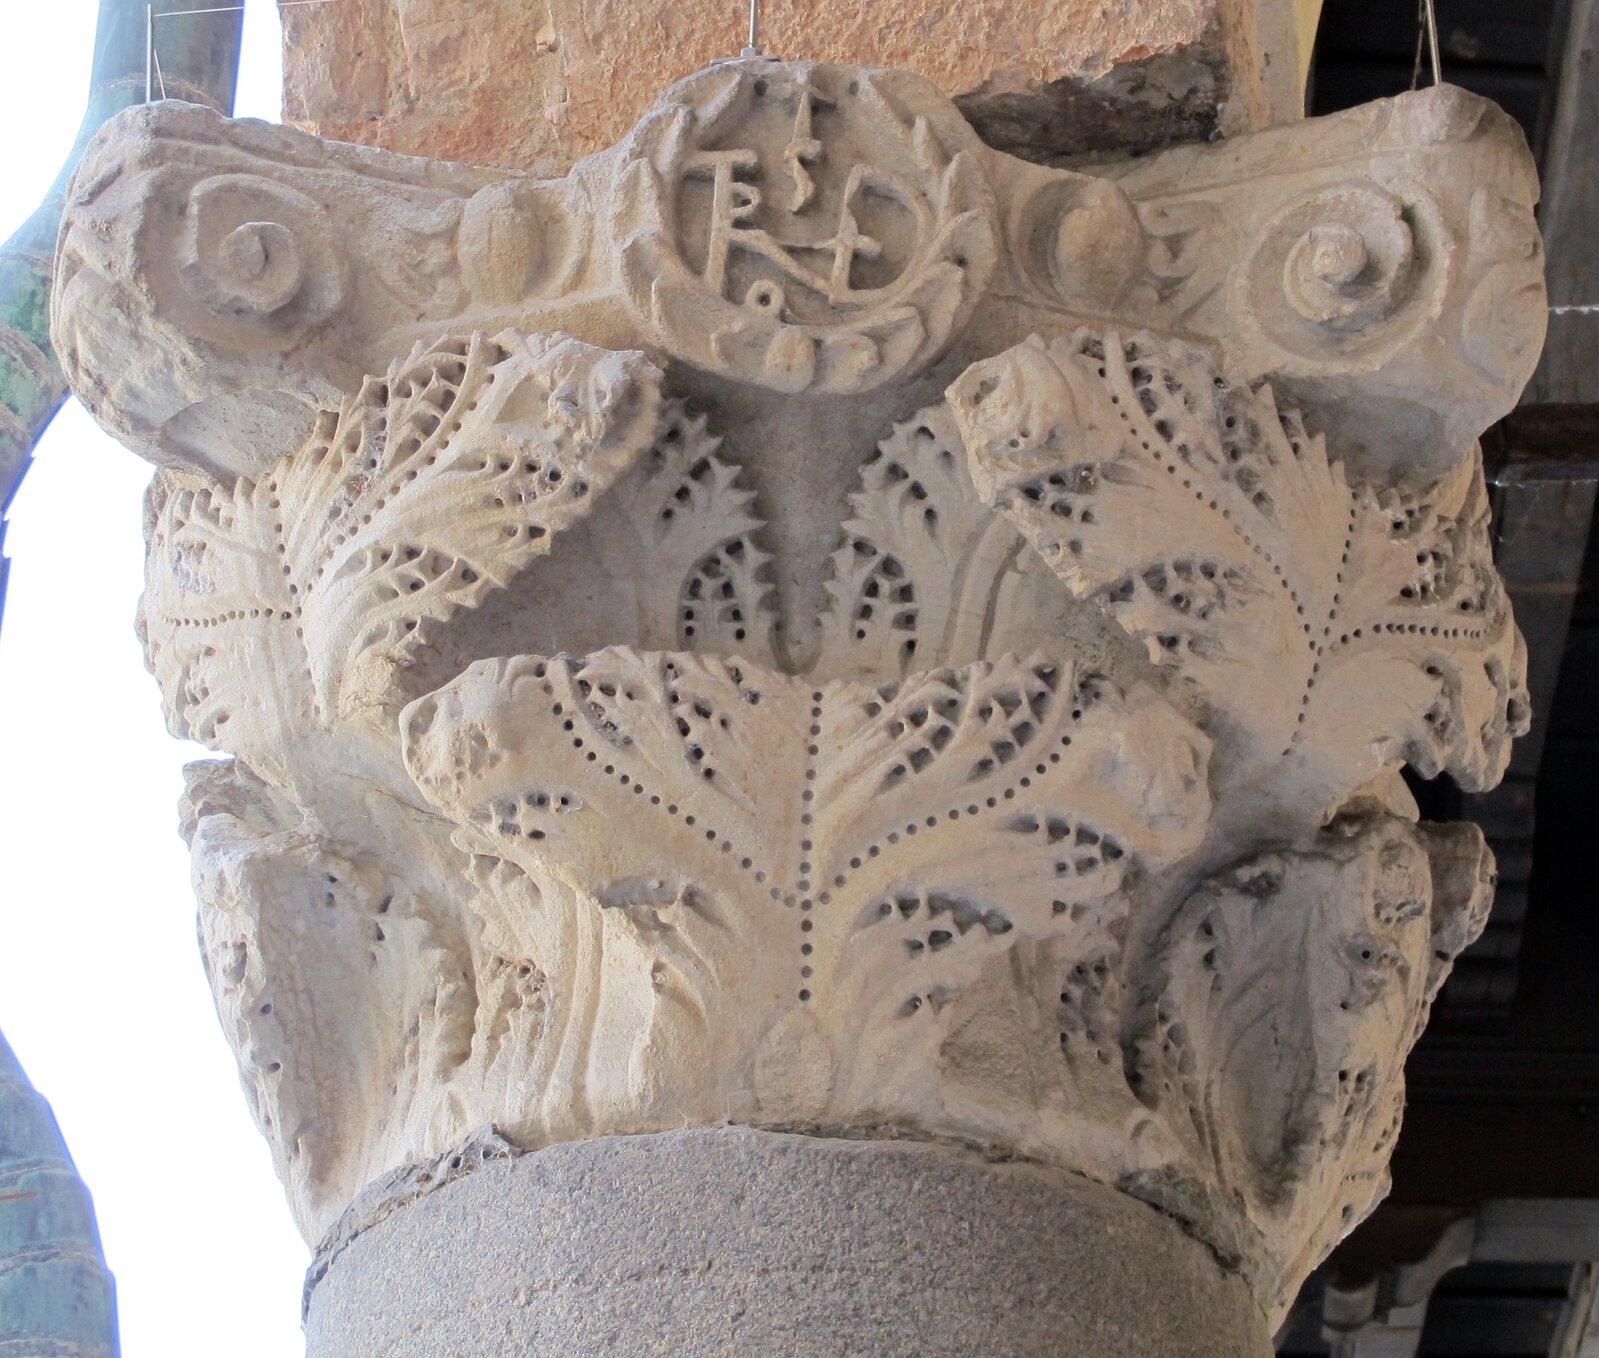 Głowica kolumny zPalazzo del popolo wRawennie Źródło: Sailko, Głowica kolumny zPalazzo del popolo wRawennie , 2013, licencja: CC BY-SA 3.0.